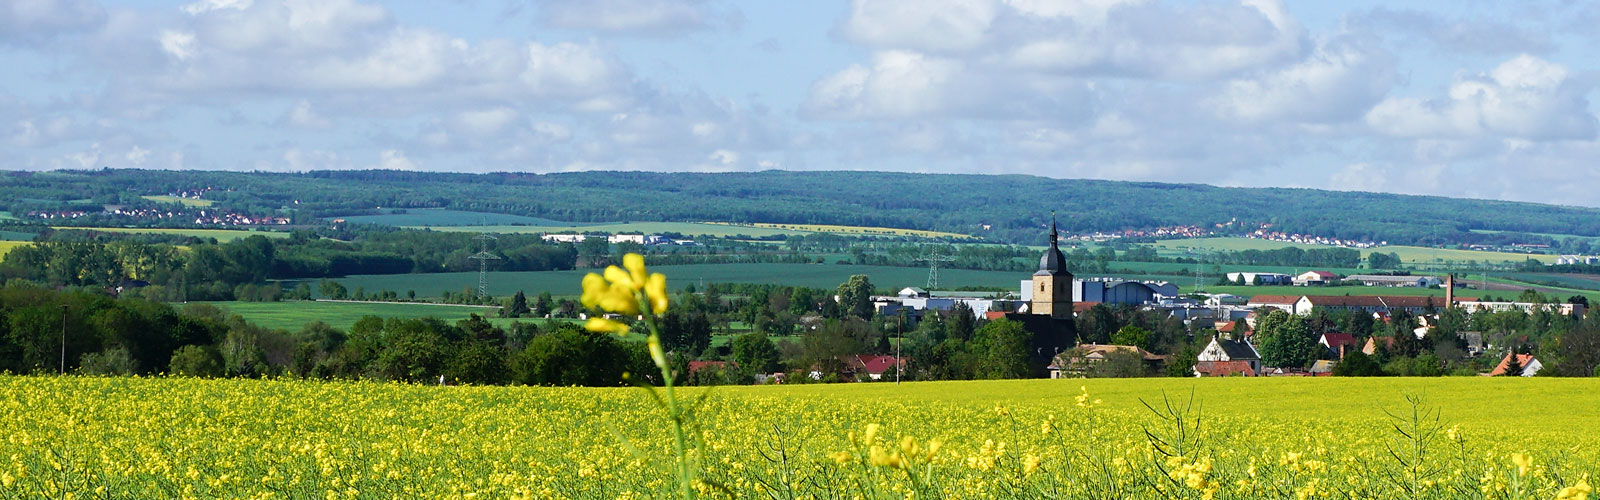 Buttelstedt mit den Ortsteilen Daasdorf, Nermsdorf und Weiden